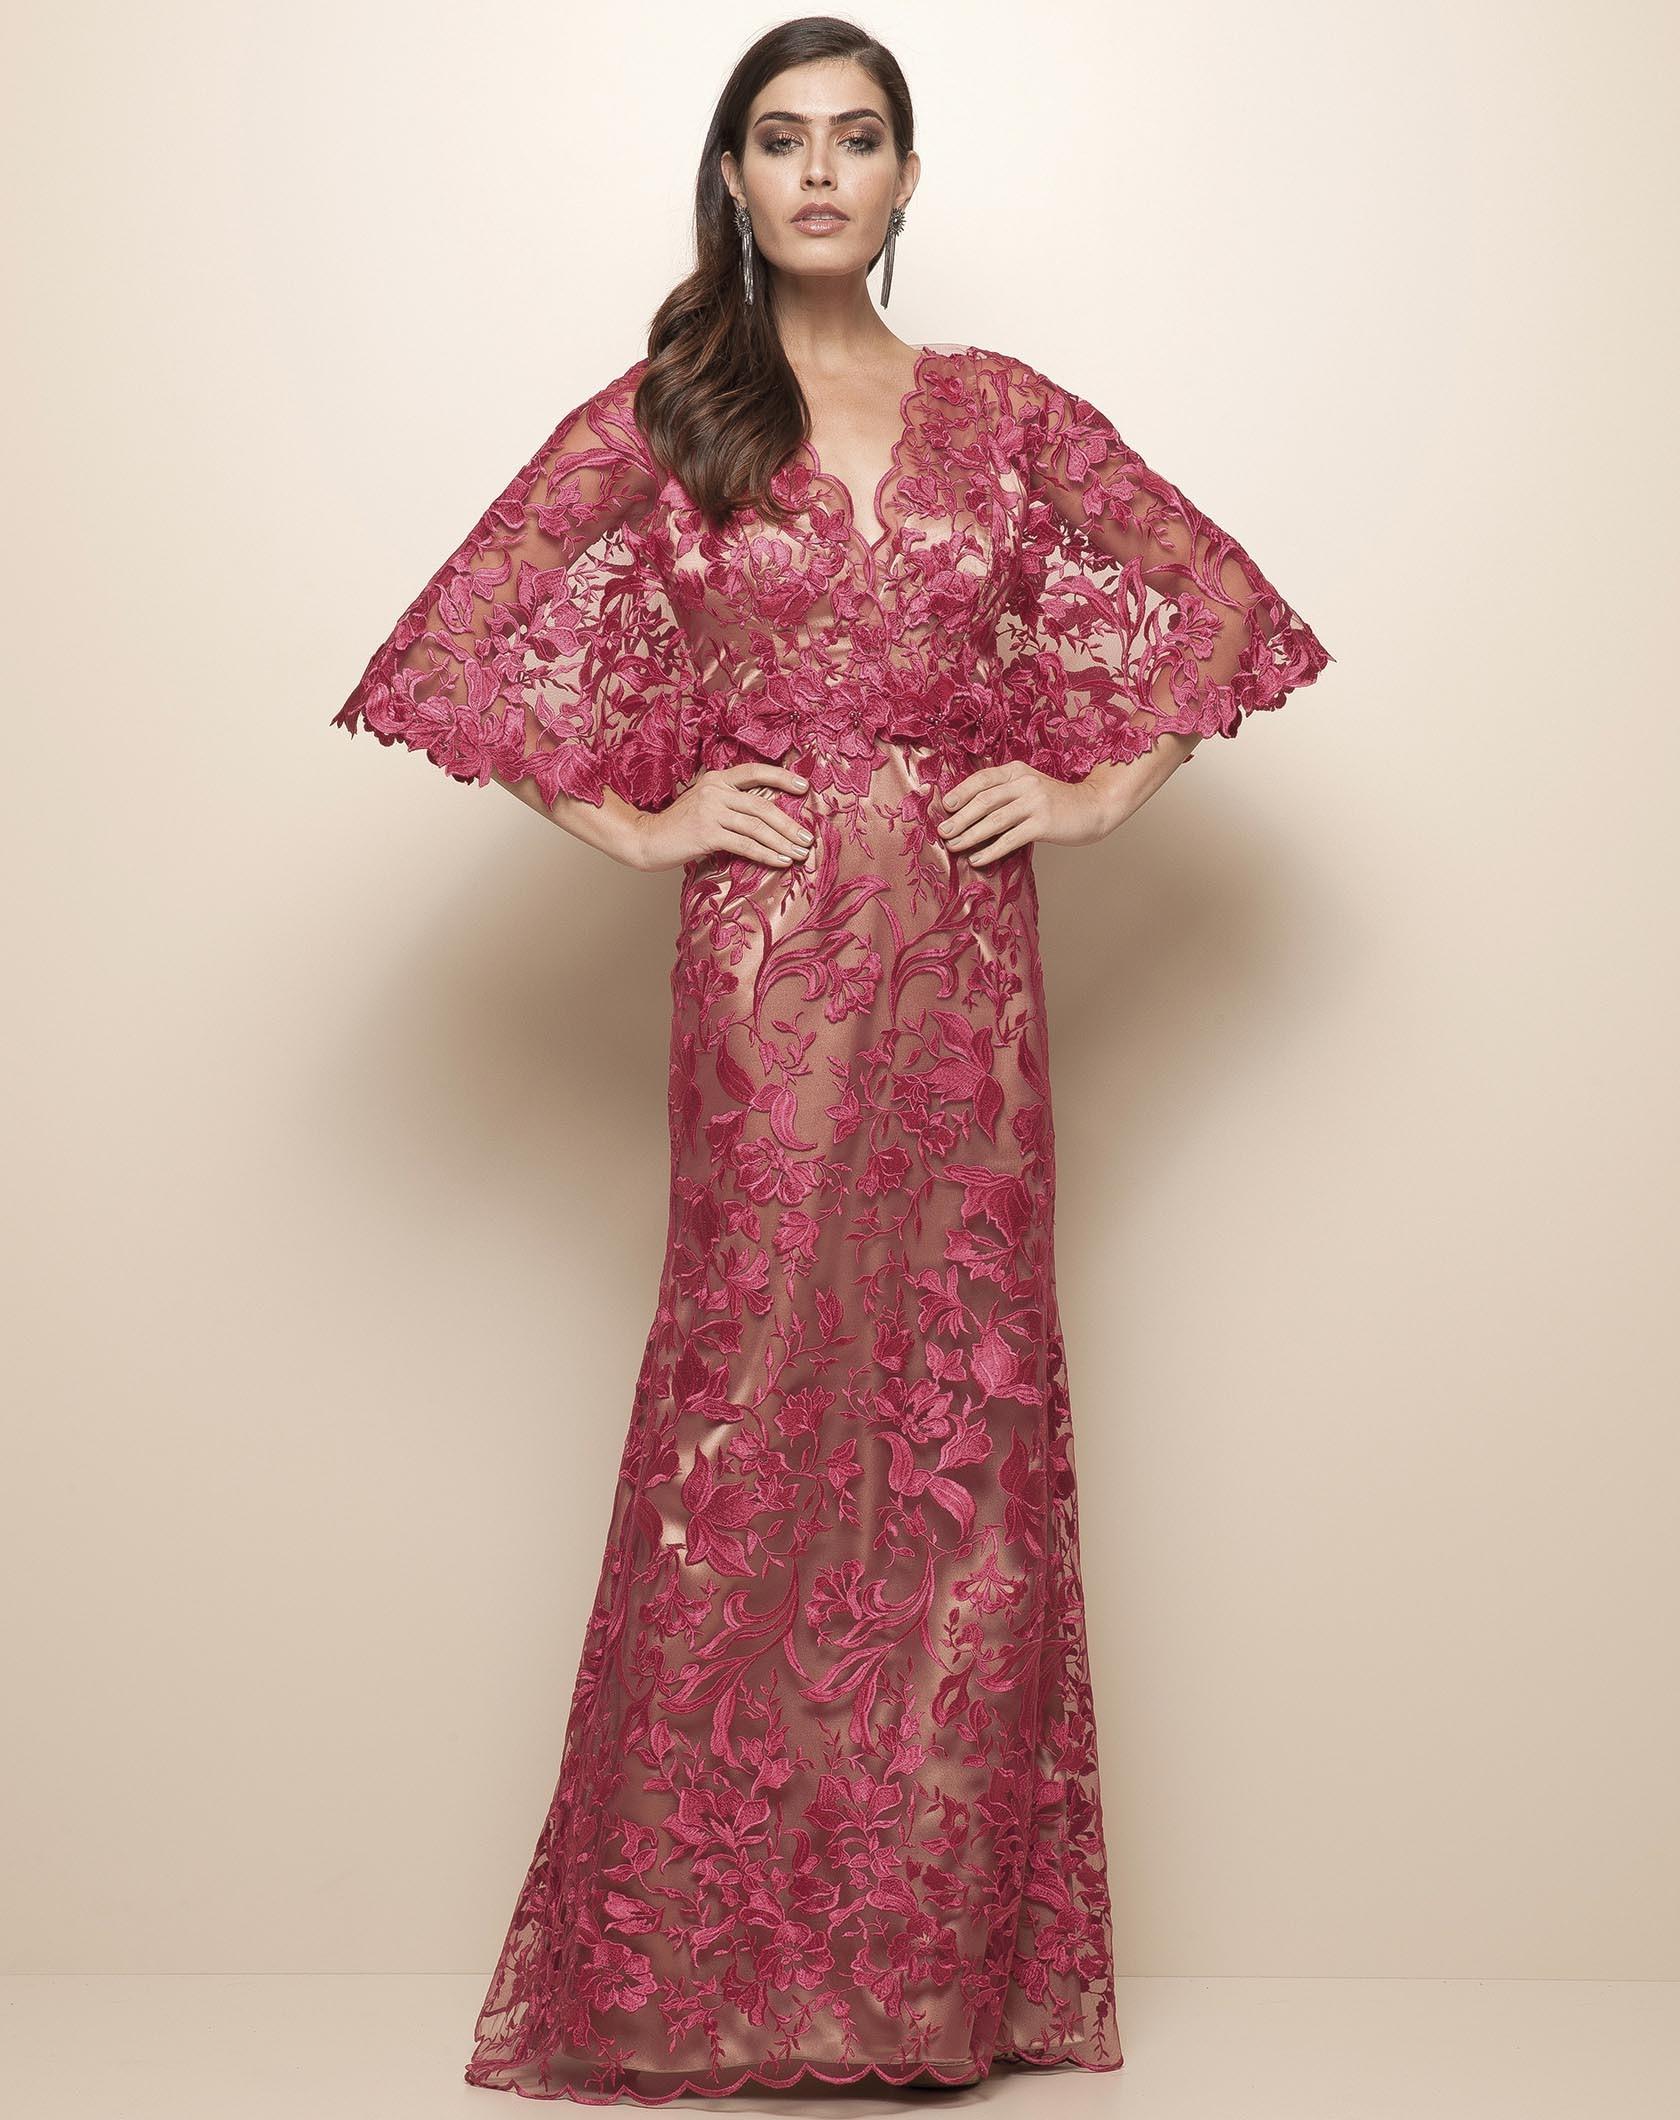 Vestido rosa longo de renda